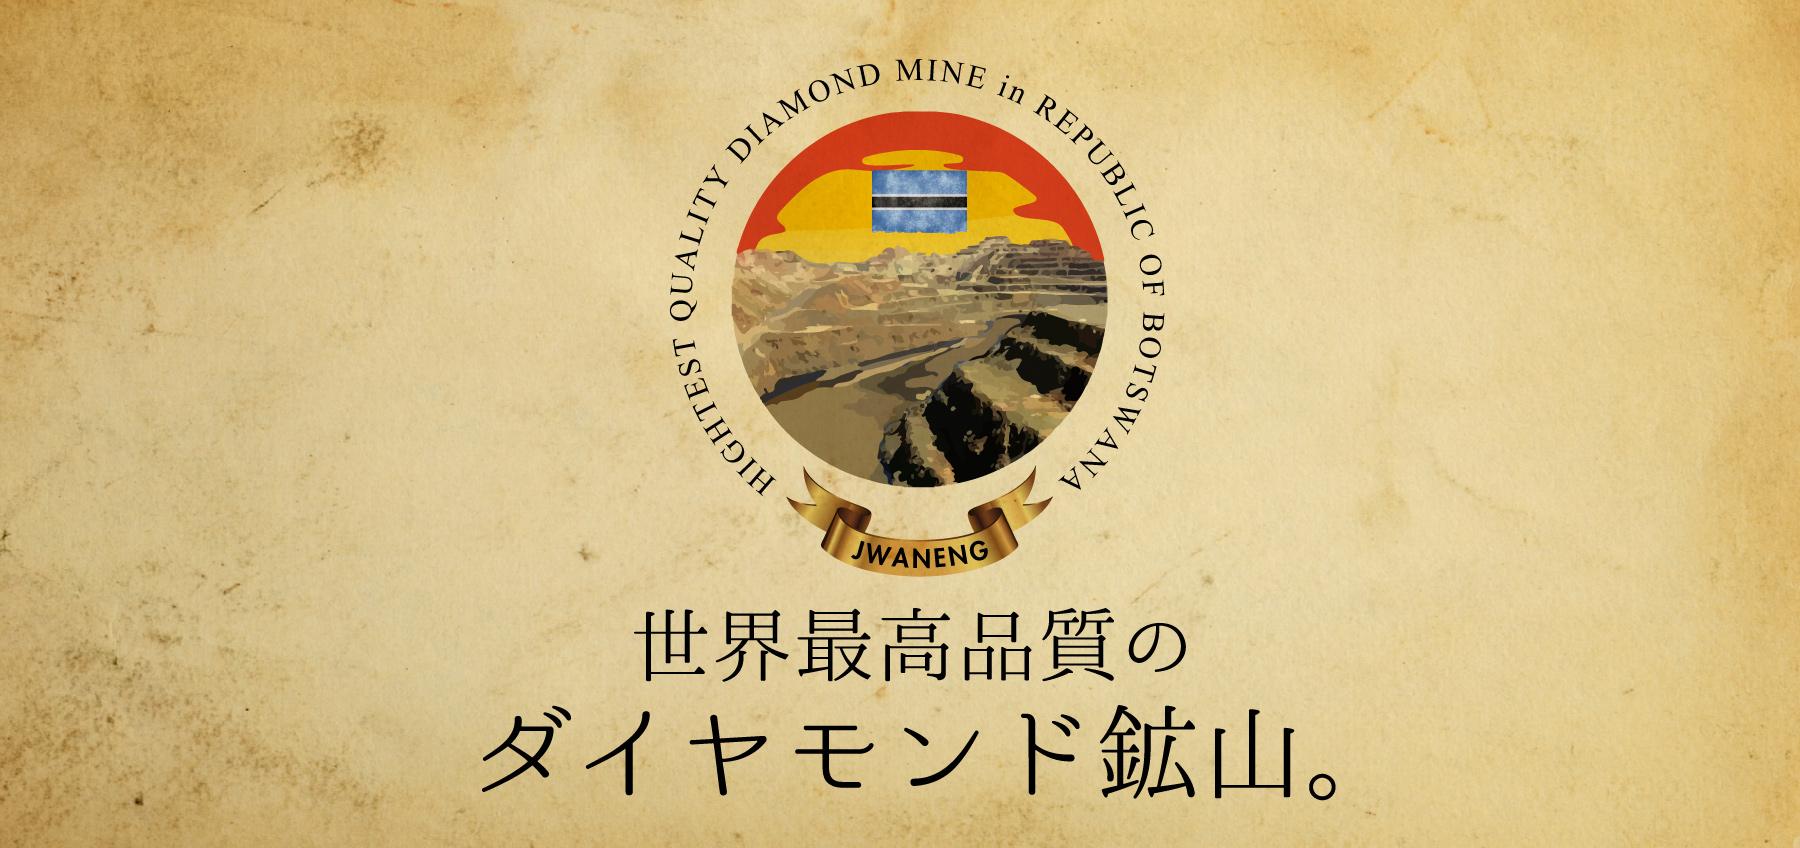 最高品質のダイヤモンド鉱山